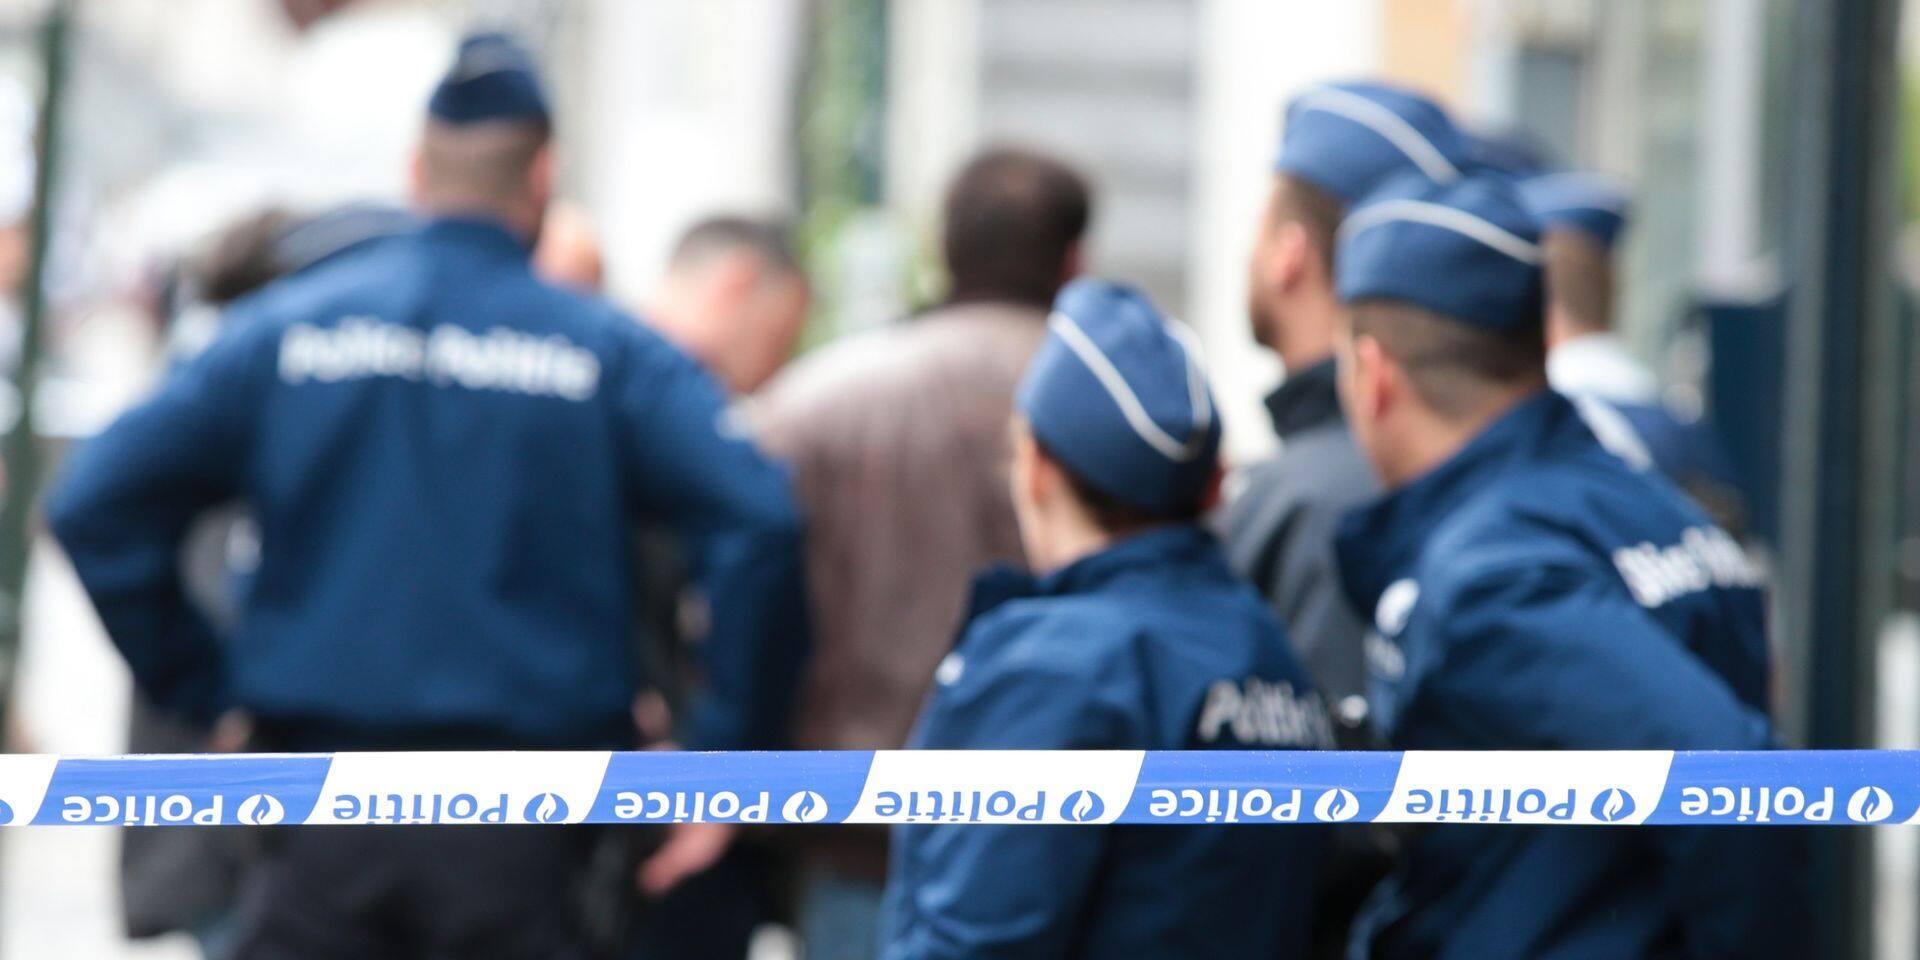 Un homme blessé par balle vendredi soir à Saint-Gilles